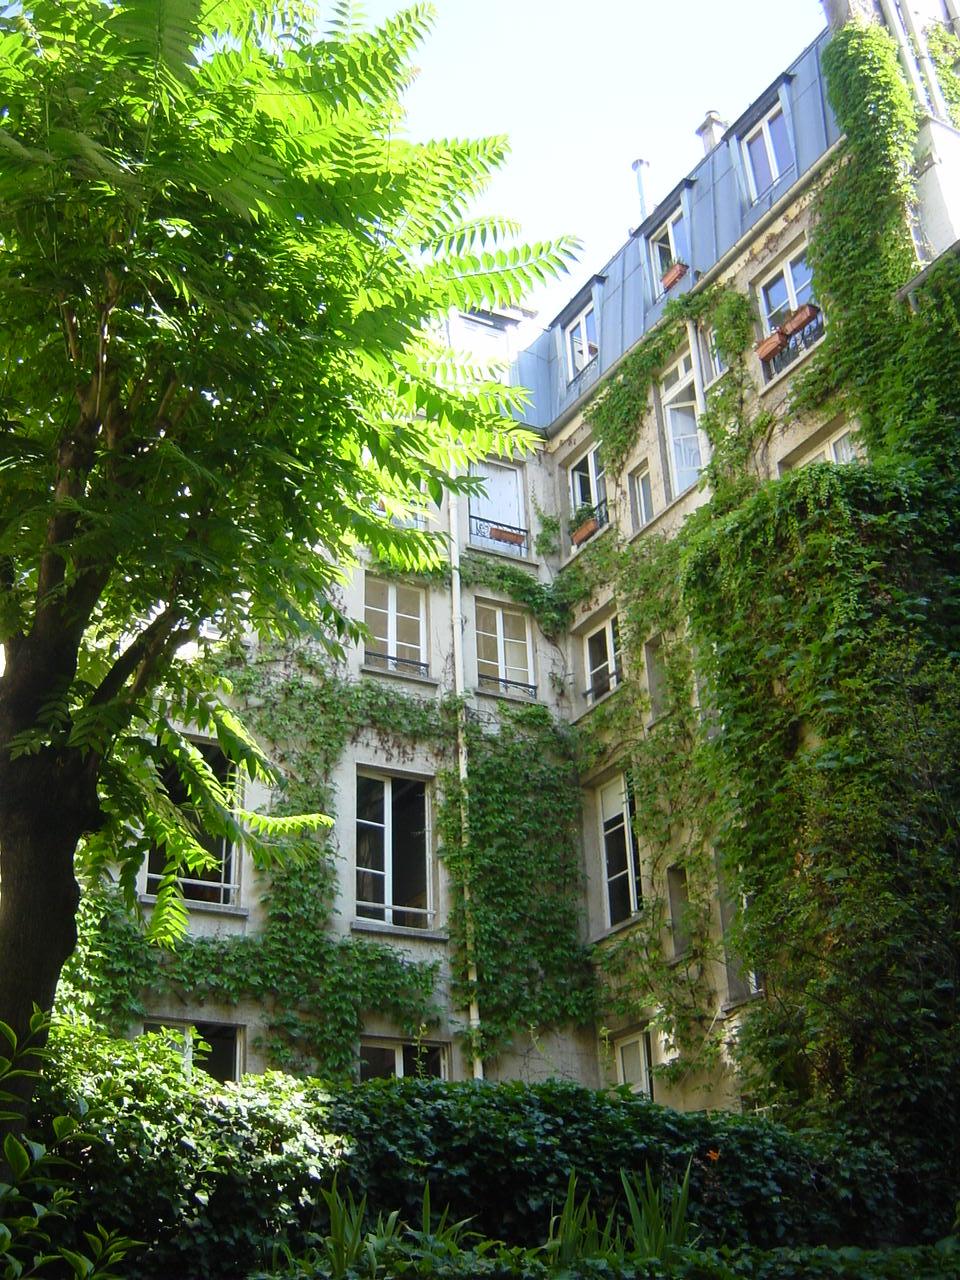 Visite guid e de l 39 le saint louis paris for Visite de jardins de particuliers